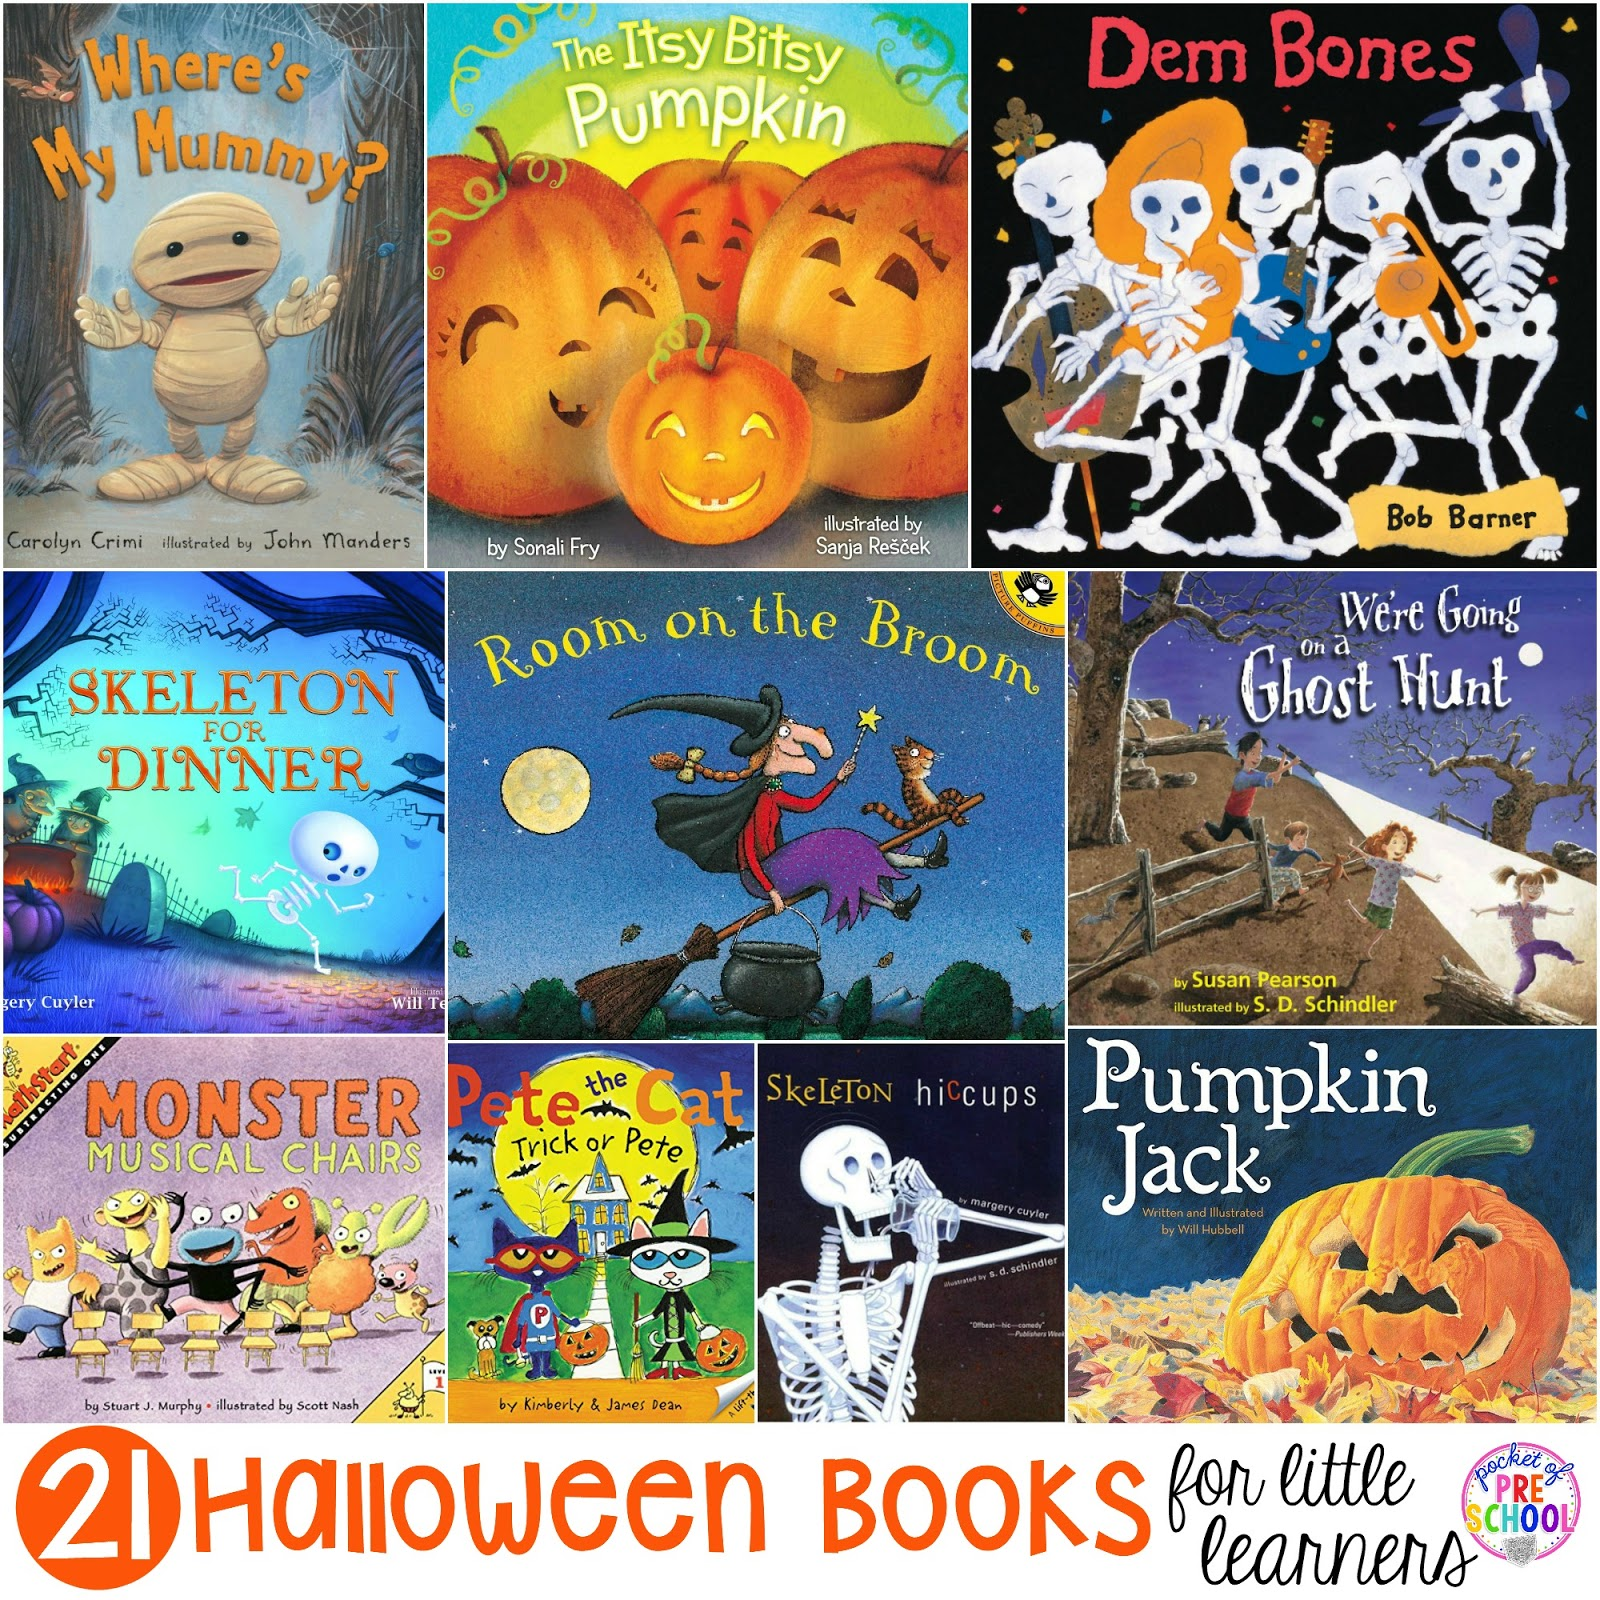 halloween books for little learners - pocket of preschool